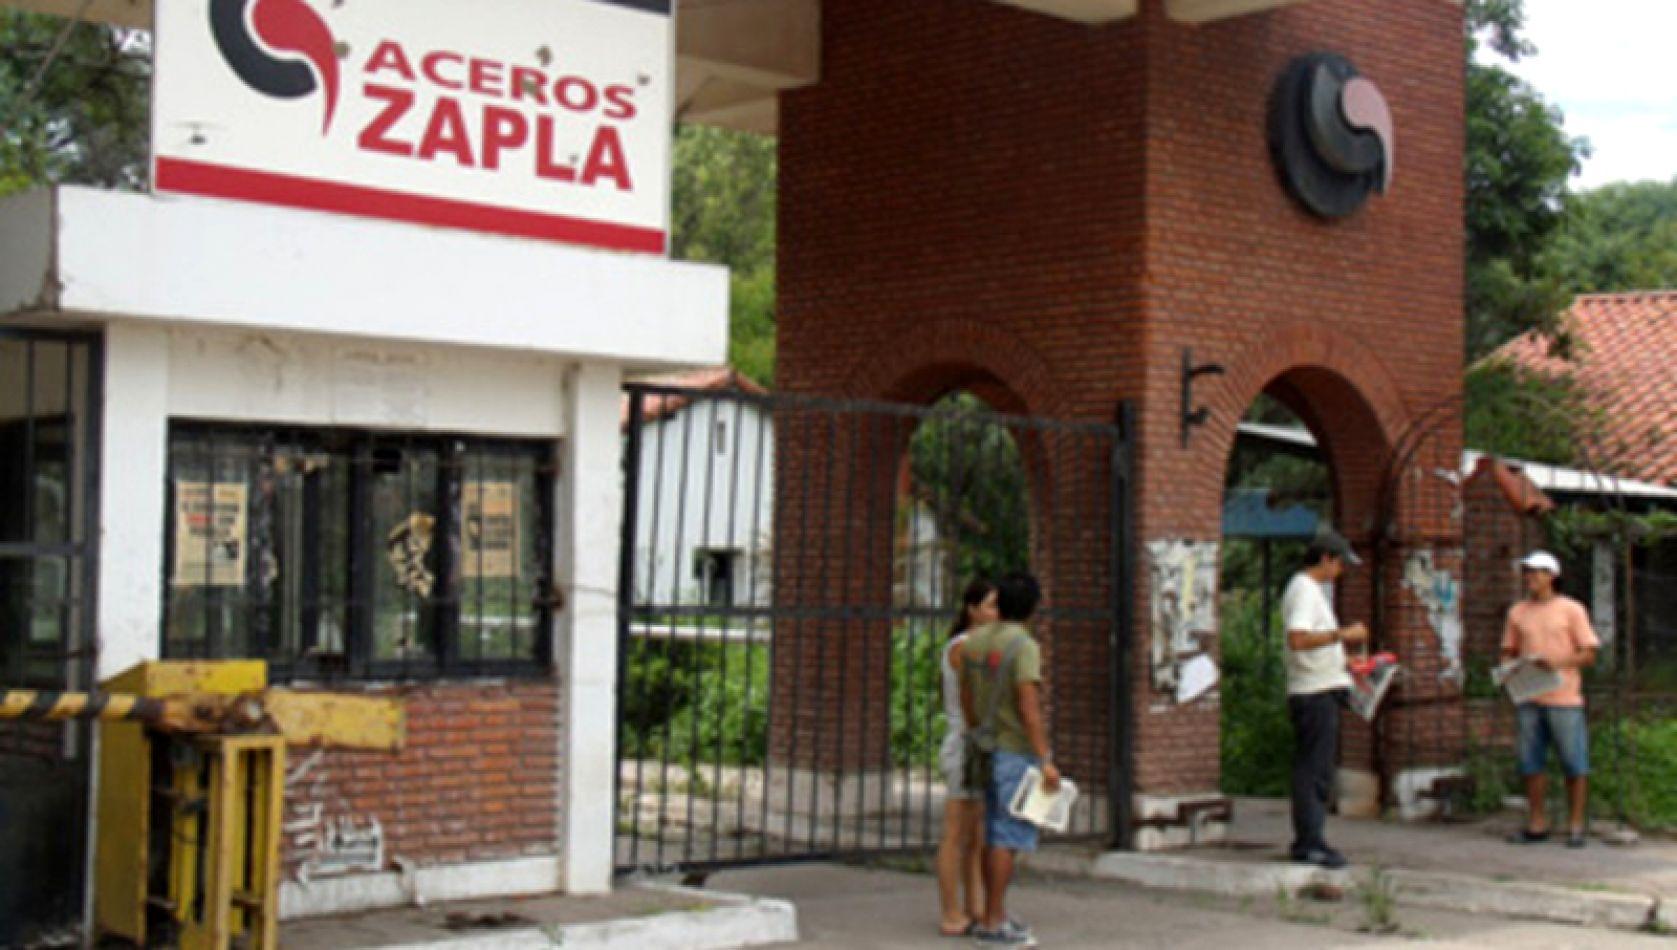 Despidos en Zapla: los trabajadores definen esta noche medidas de fuerza